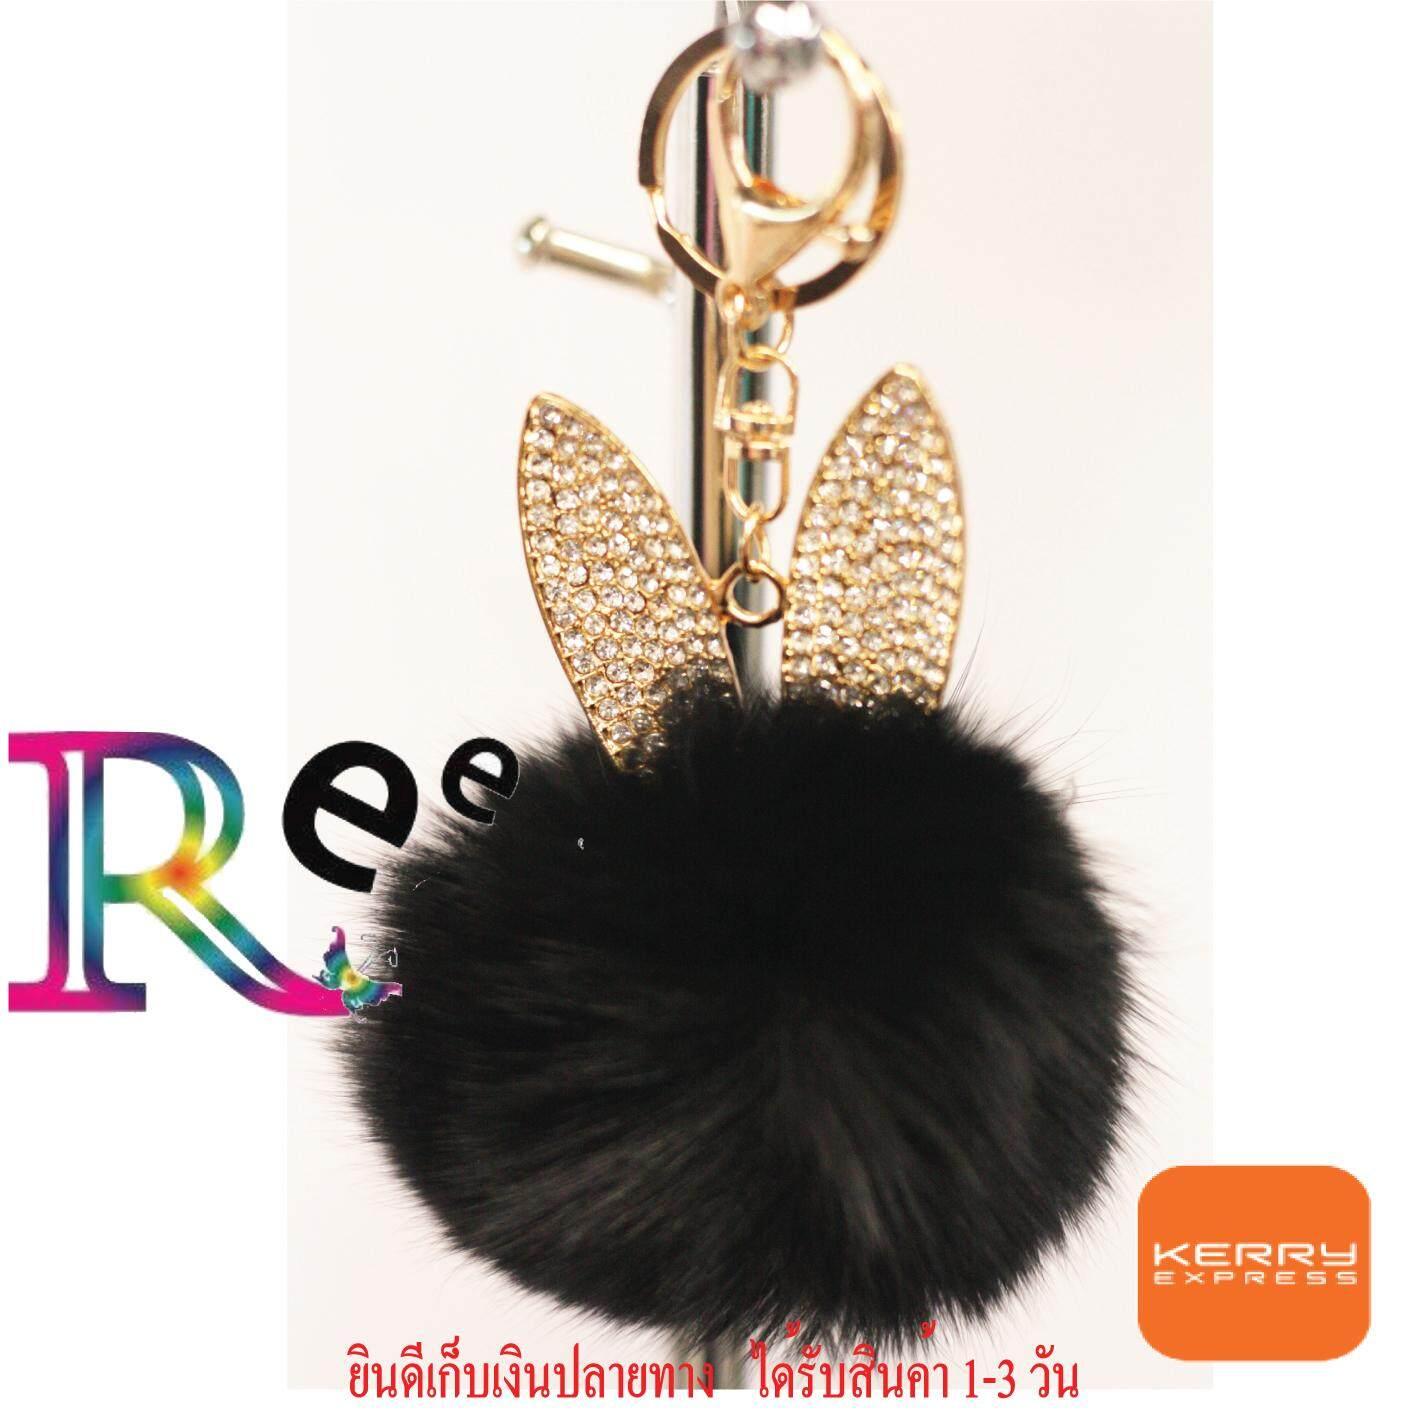 พวงกุญแจไฮโซ หูกระต่ายใหม่ใส่กระเป๋าแฟชั่นเครื่องประดับน่ารักกระต่ายพวงกุญแจ.